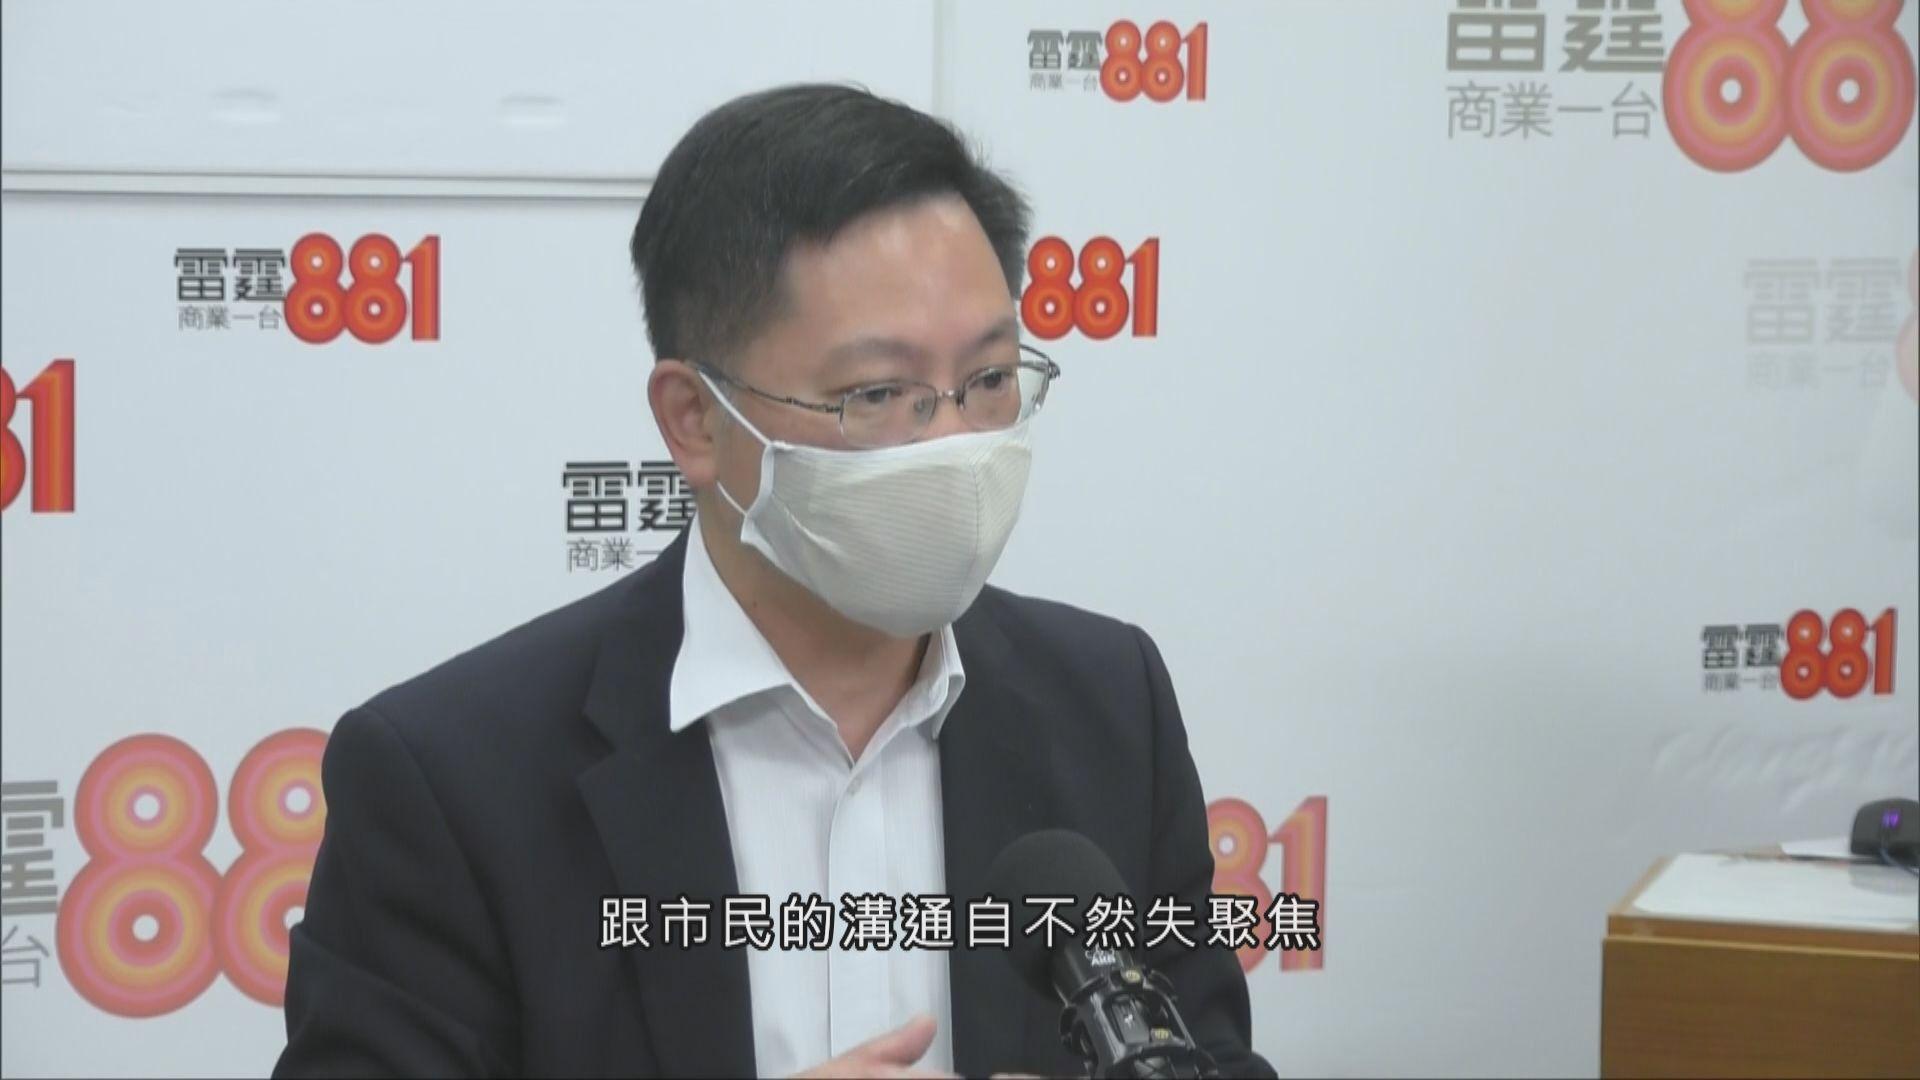 薛永恒:二月時直接批予晶苑國際生產口罩是有承擔決定